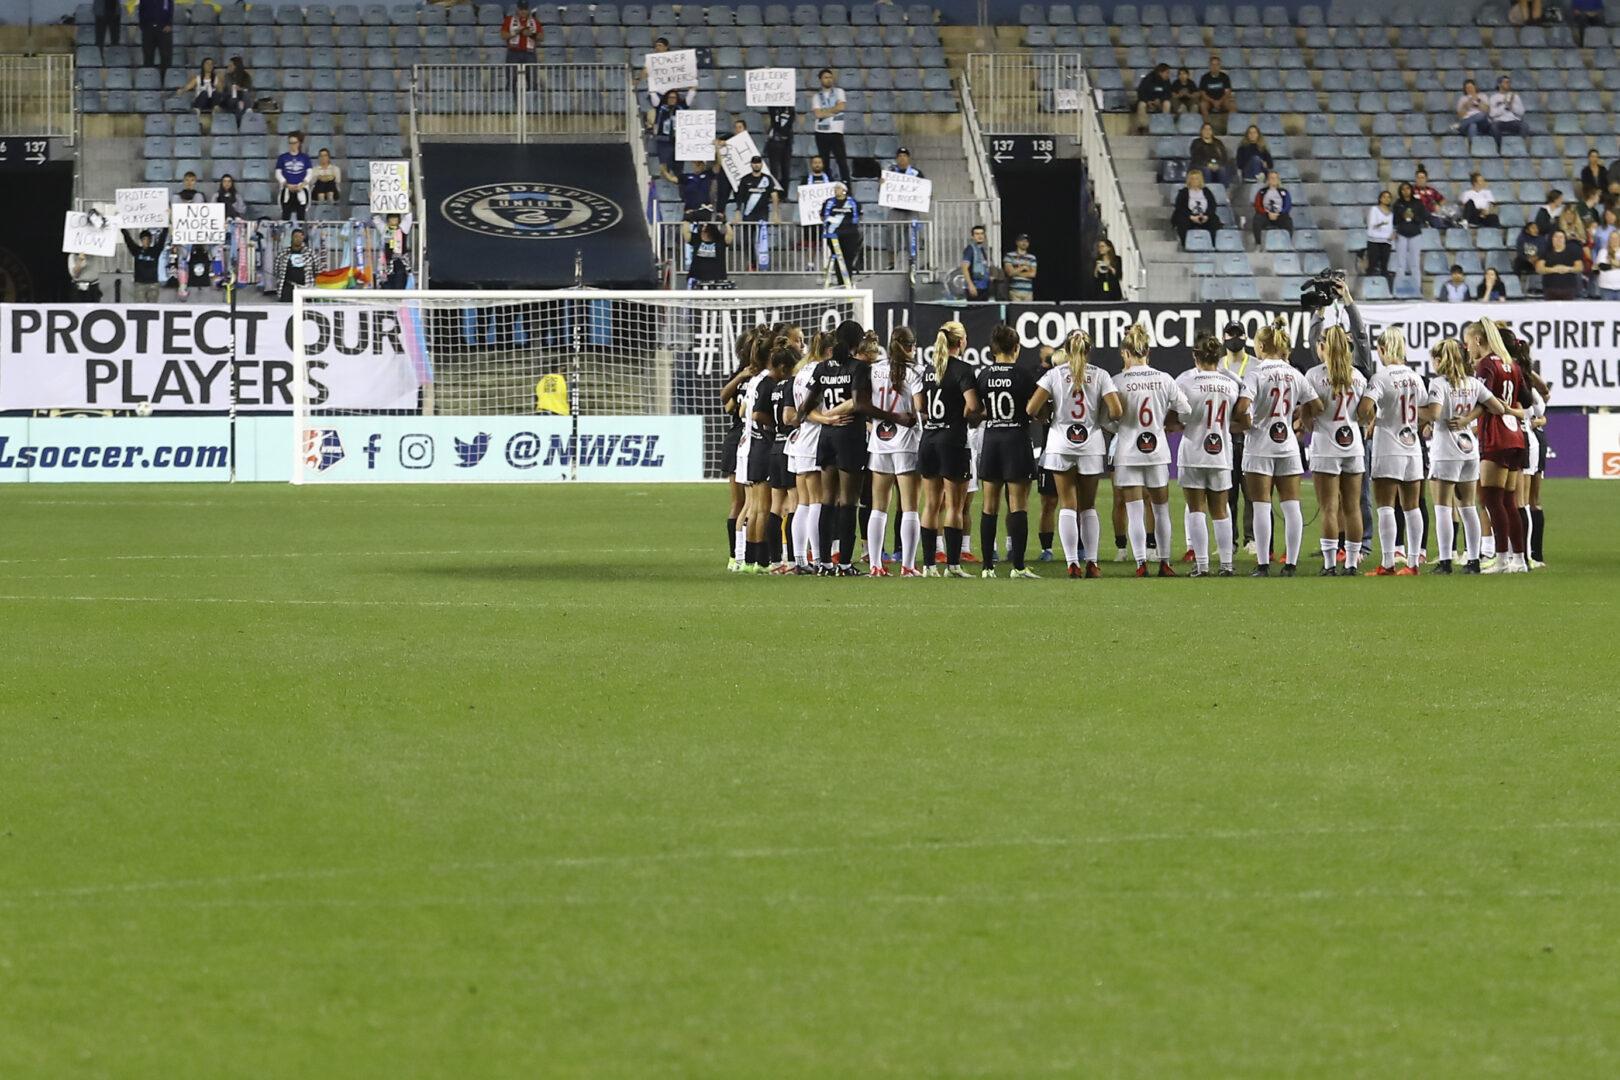 NWSL-Spielerinnen protestieren Arm in Arm